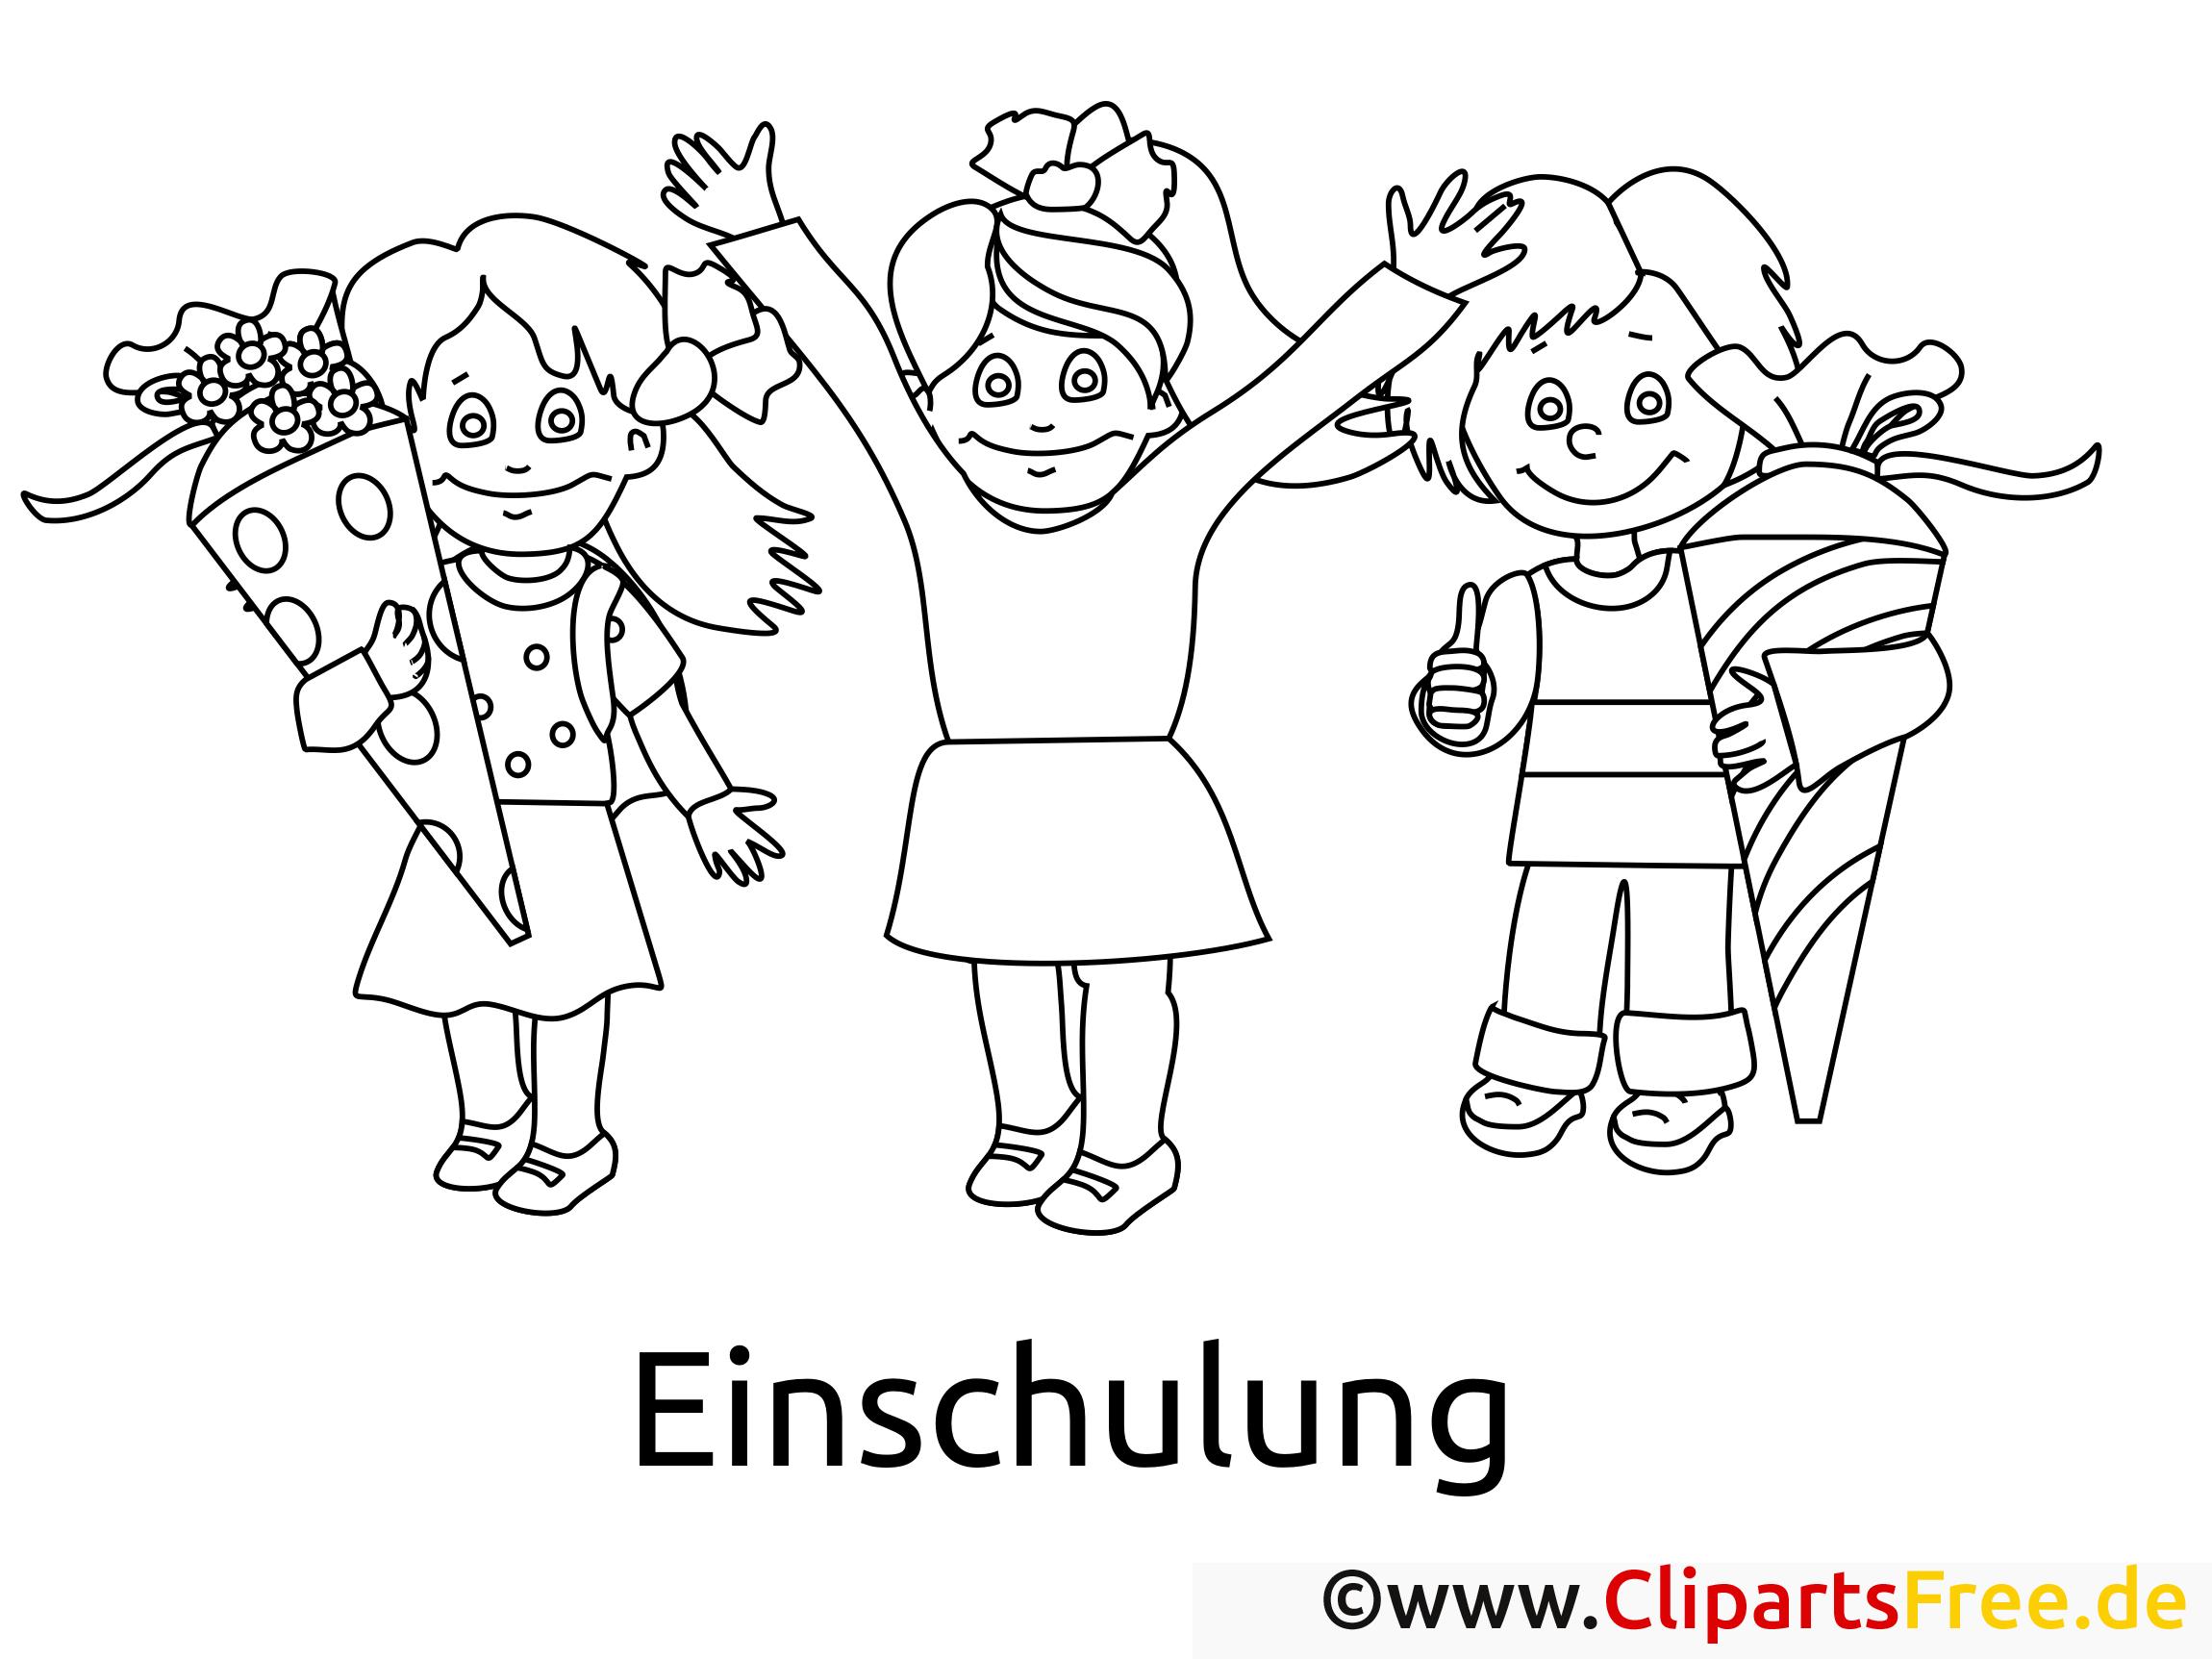 Ausmalbilder Einschulung mit Schuelern in der Schule